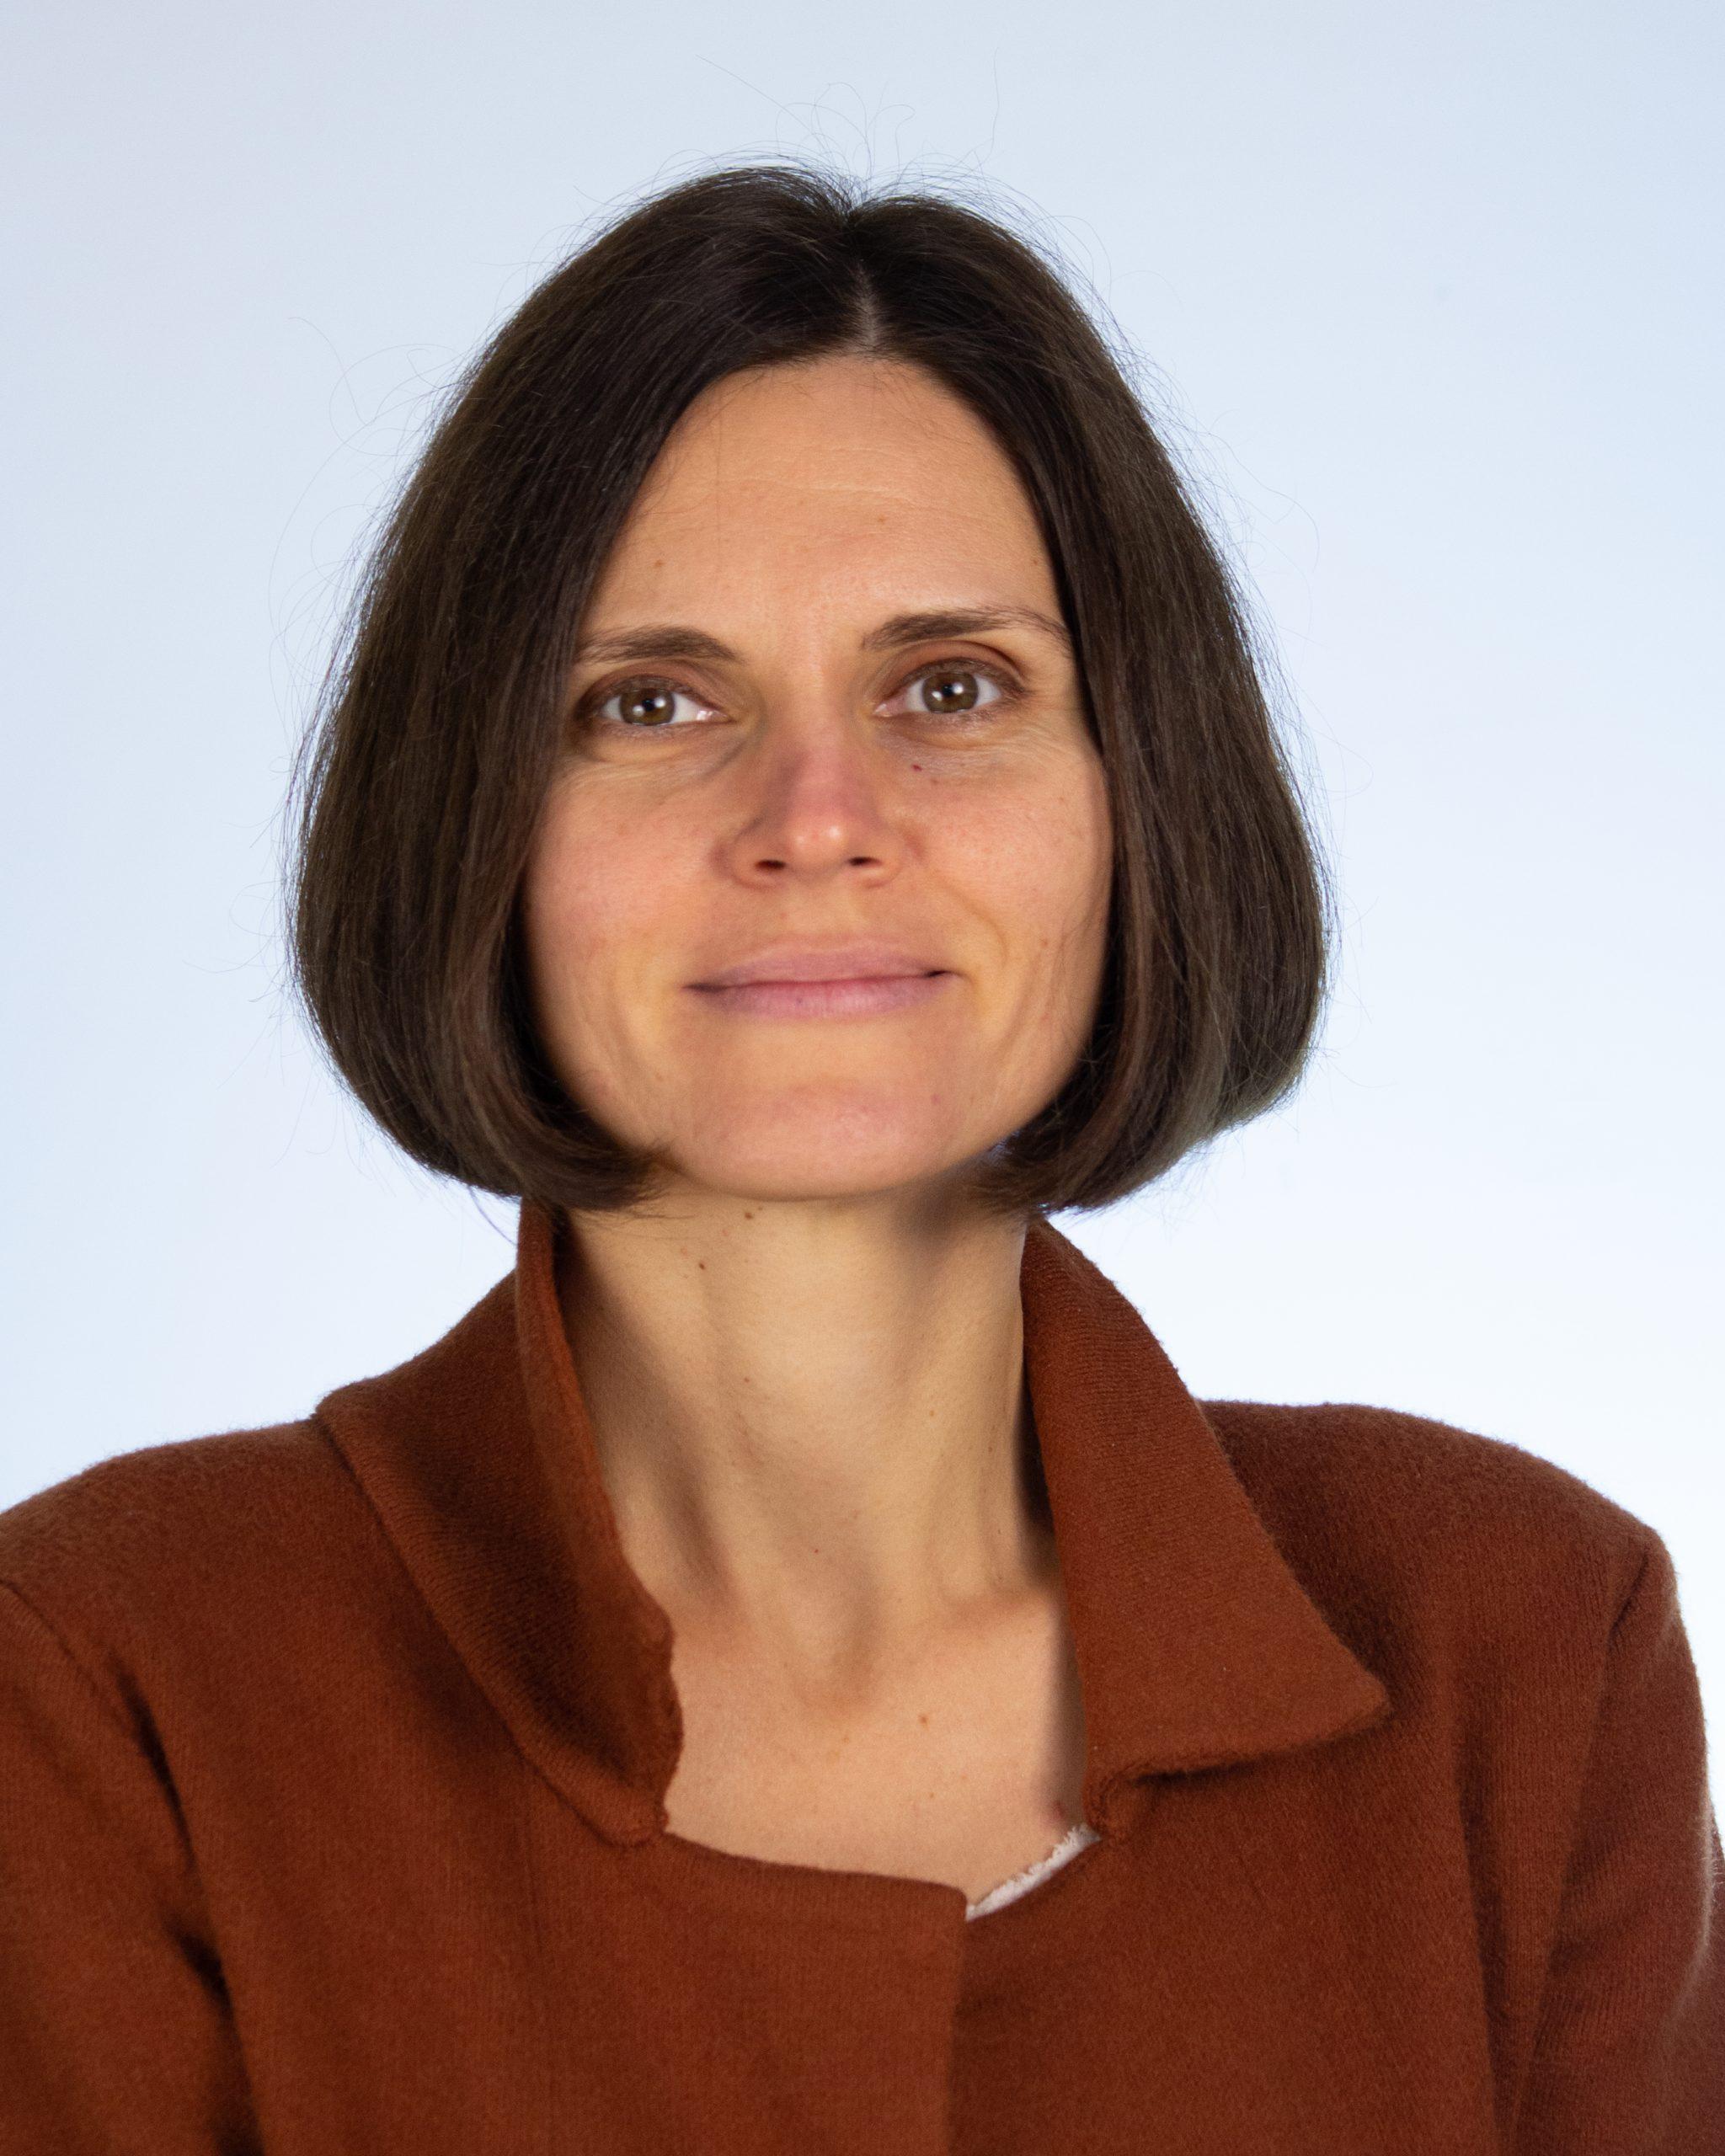 Гриненко Ірина Вікторівна